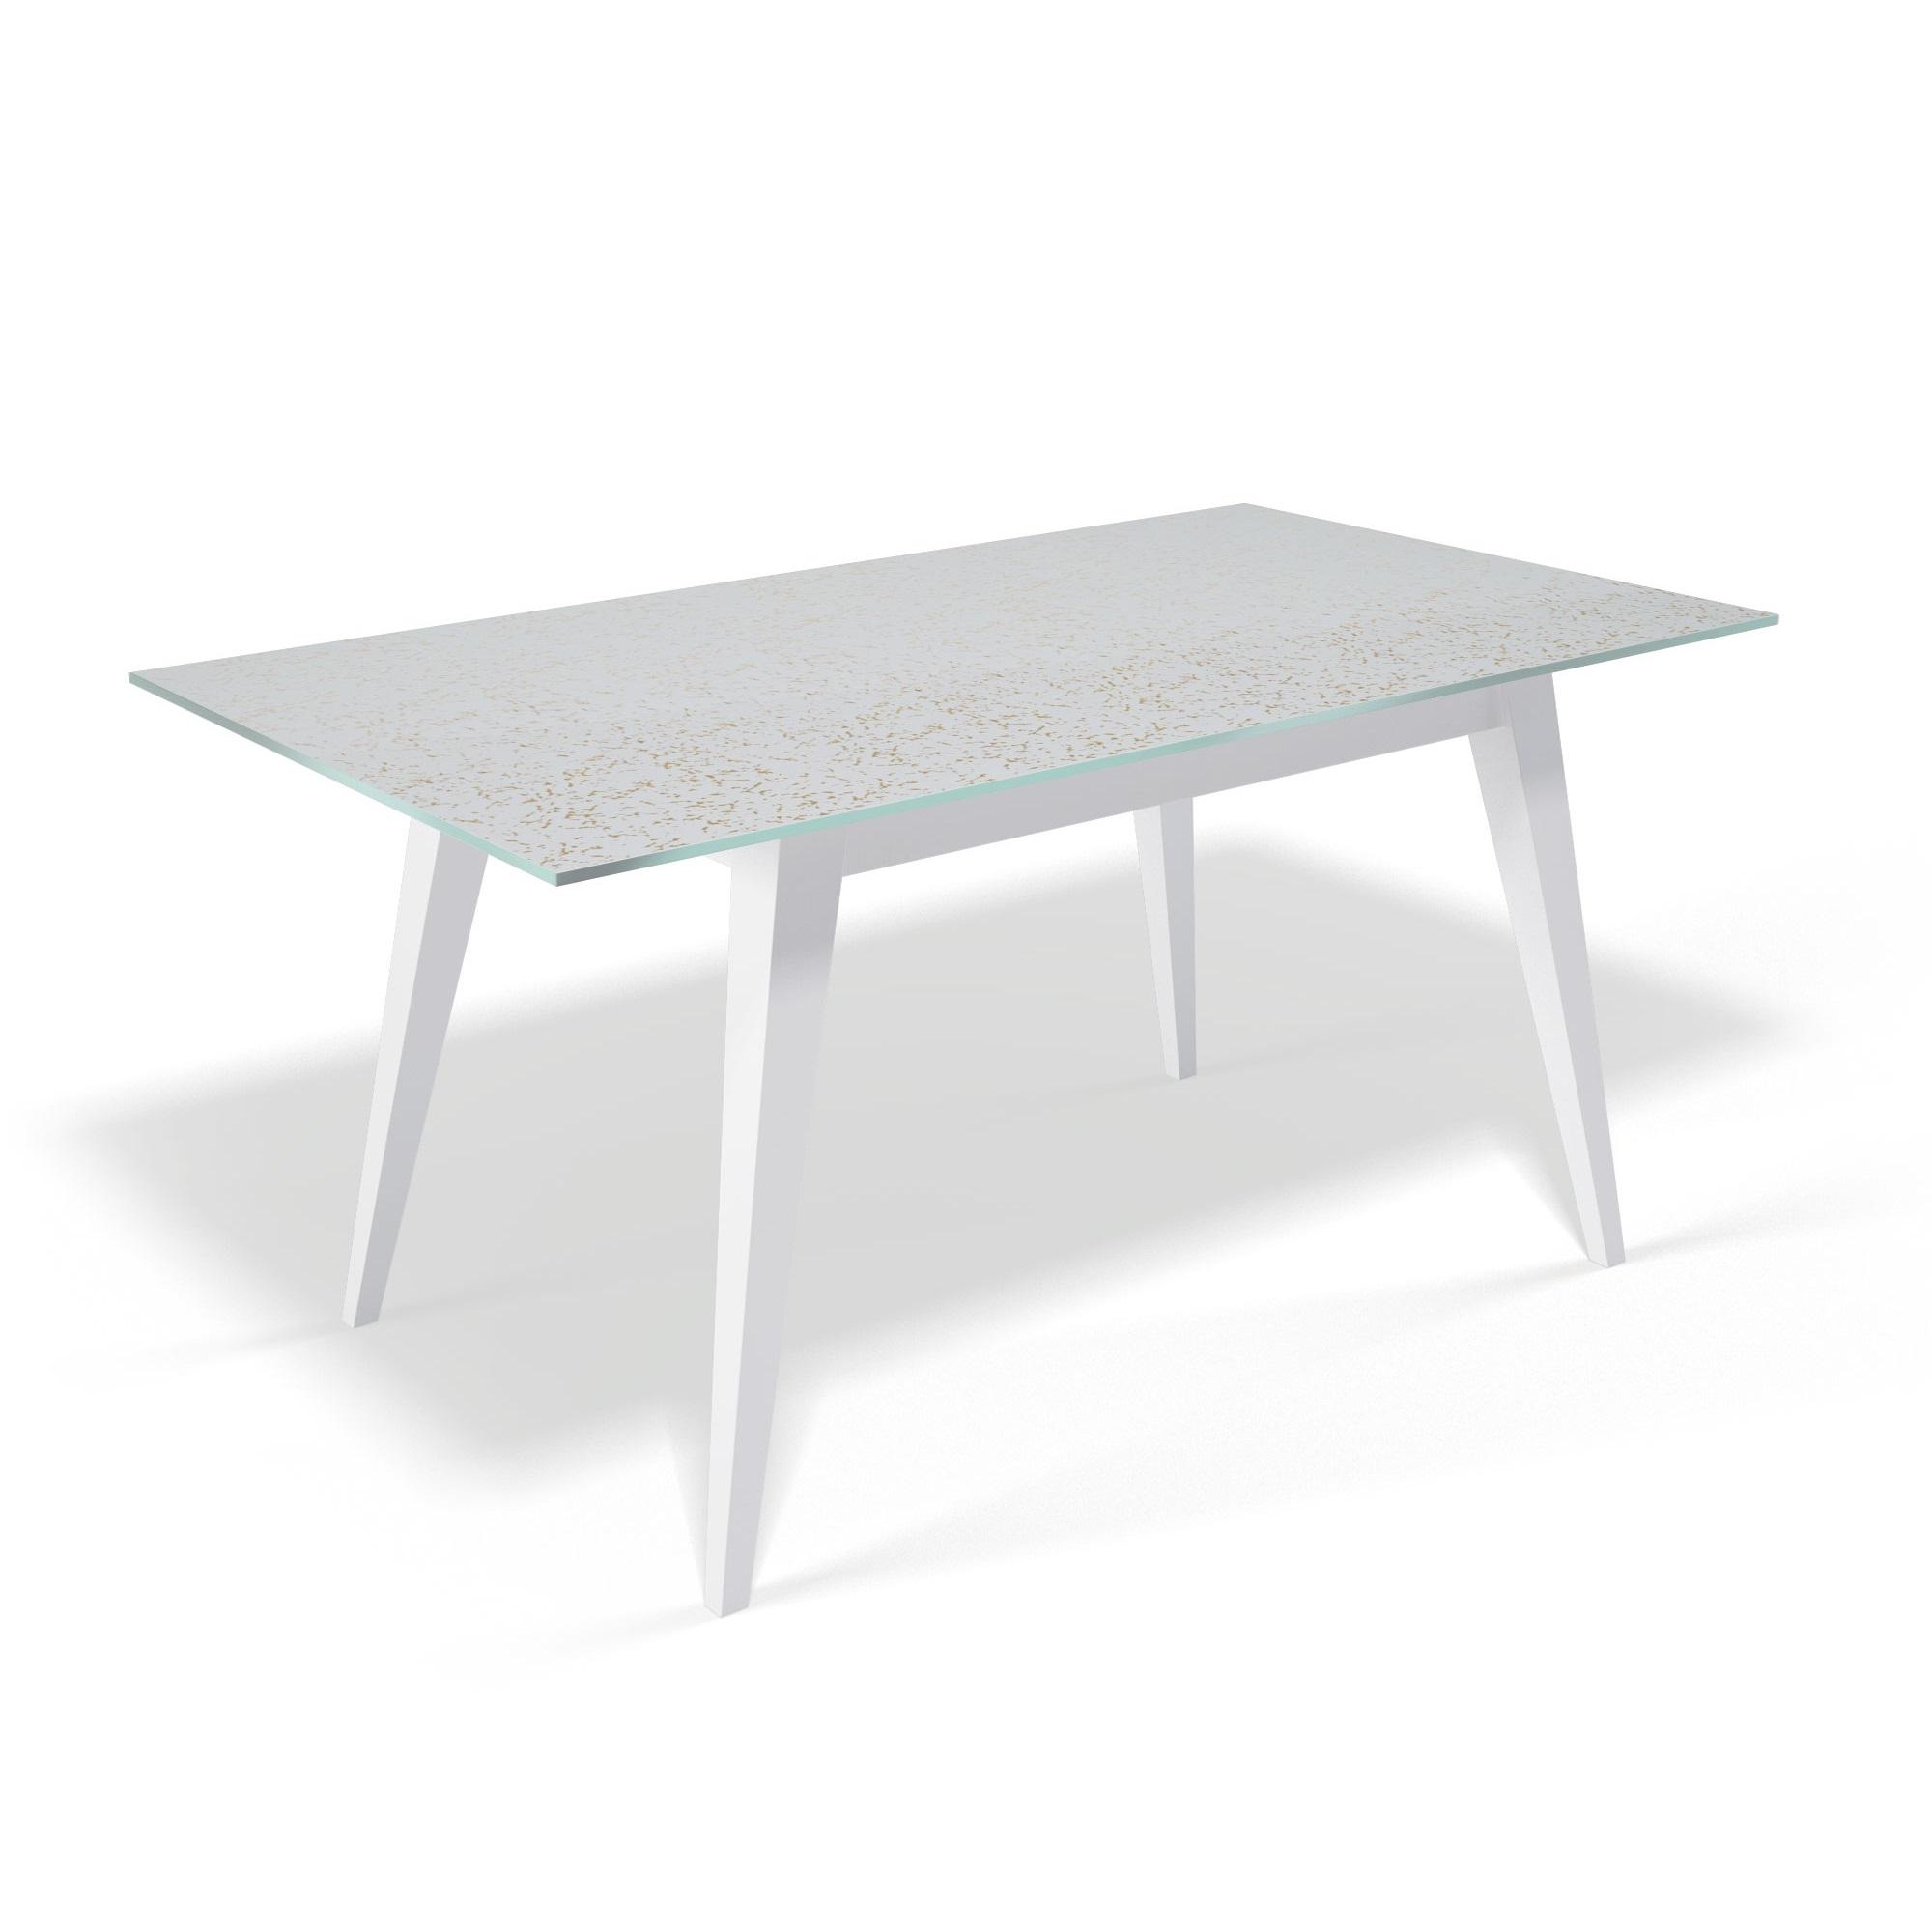 Стол обеденный KennerОбеденные столы<br>Столешница выполнена из стекла триплекс(6 мм - два или более органических или силикатных стекла, склеенные между собой специальной полимерной плёнкой, способной при ударе удерживать осколки)  с тканью внутри.&amp;nbsp;Также используется органза с золотыми нитями, благодаря чему на столешнице не будут видны отпечатки пальцев и царапины.&amp;nbsp;Основание выполнено массива бука.&amp;nbsp;Стекло не боится влаги, бытовой химии, выдерживает перепады на горячие и холодные температуры. В разложенном виде: 200х90 см.&amp;nbsp;Вставка выполнена также полностью из стекла.&amp;nbsp;За таким столом могут свободно разместиться от 6 до 10 человек.<br><br>kit: None<br>gender: None